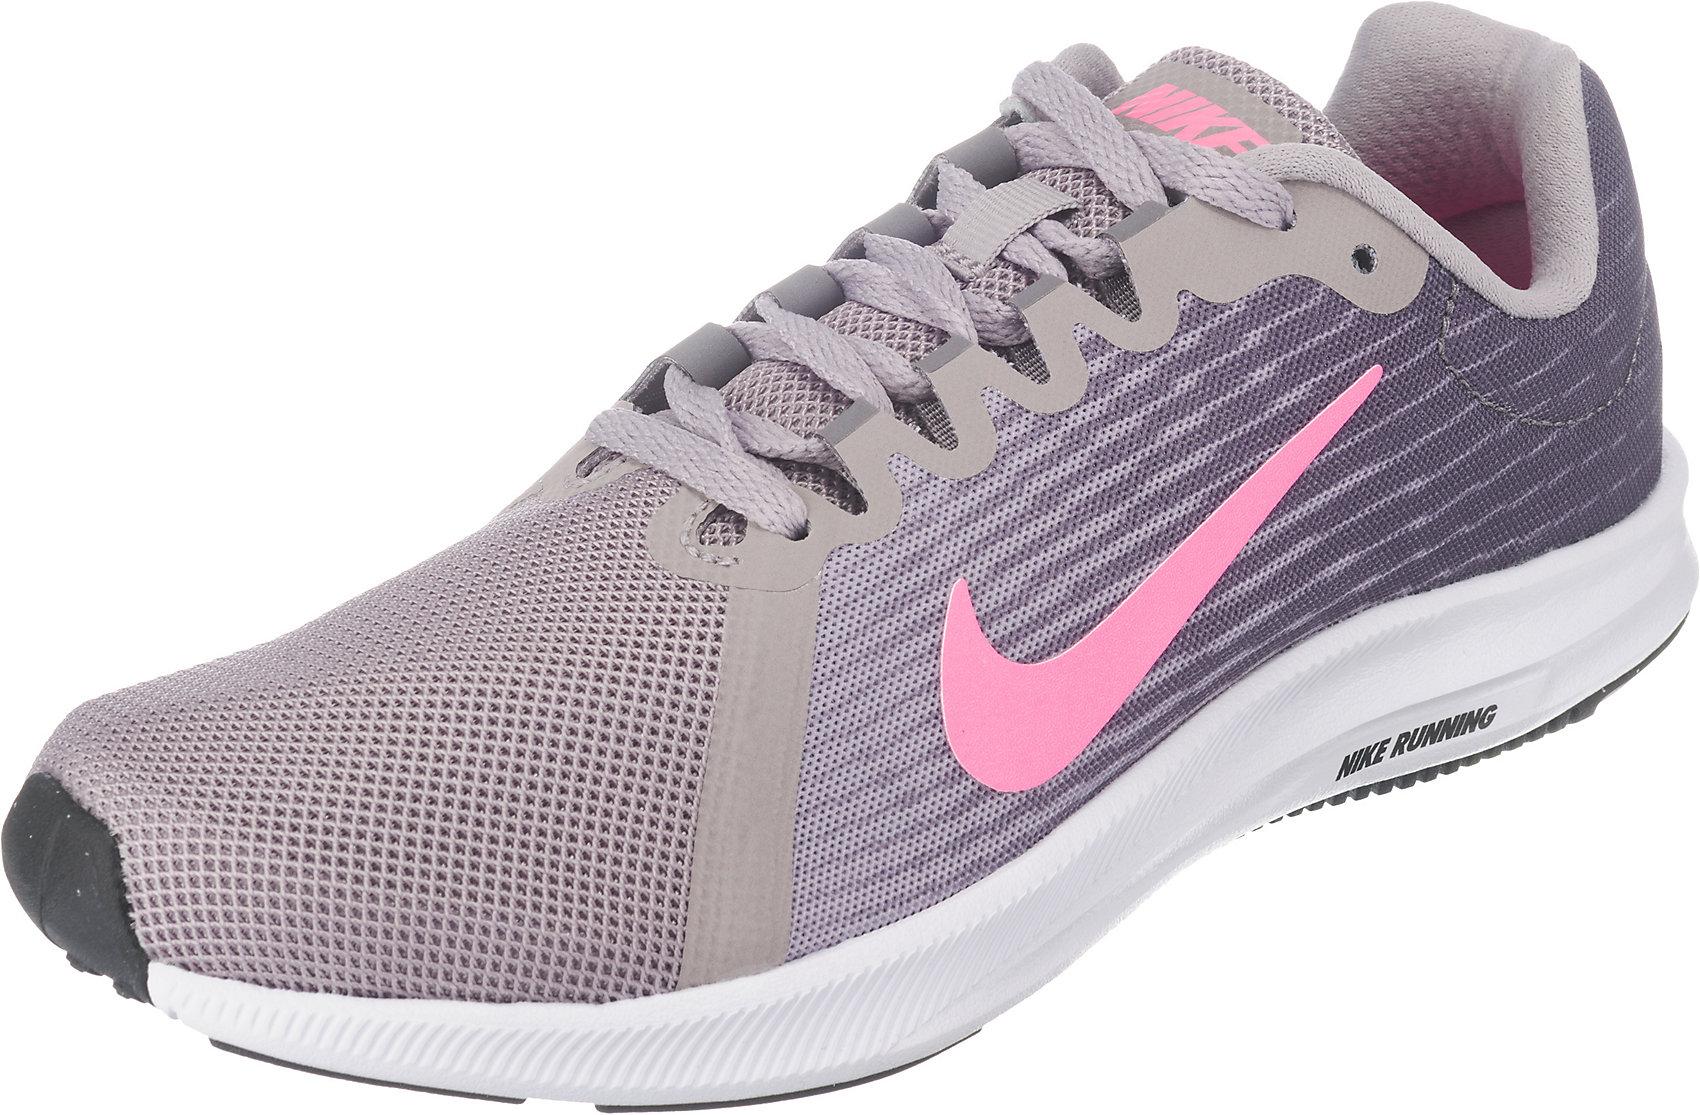 Nike Damen Neu